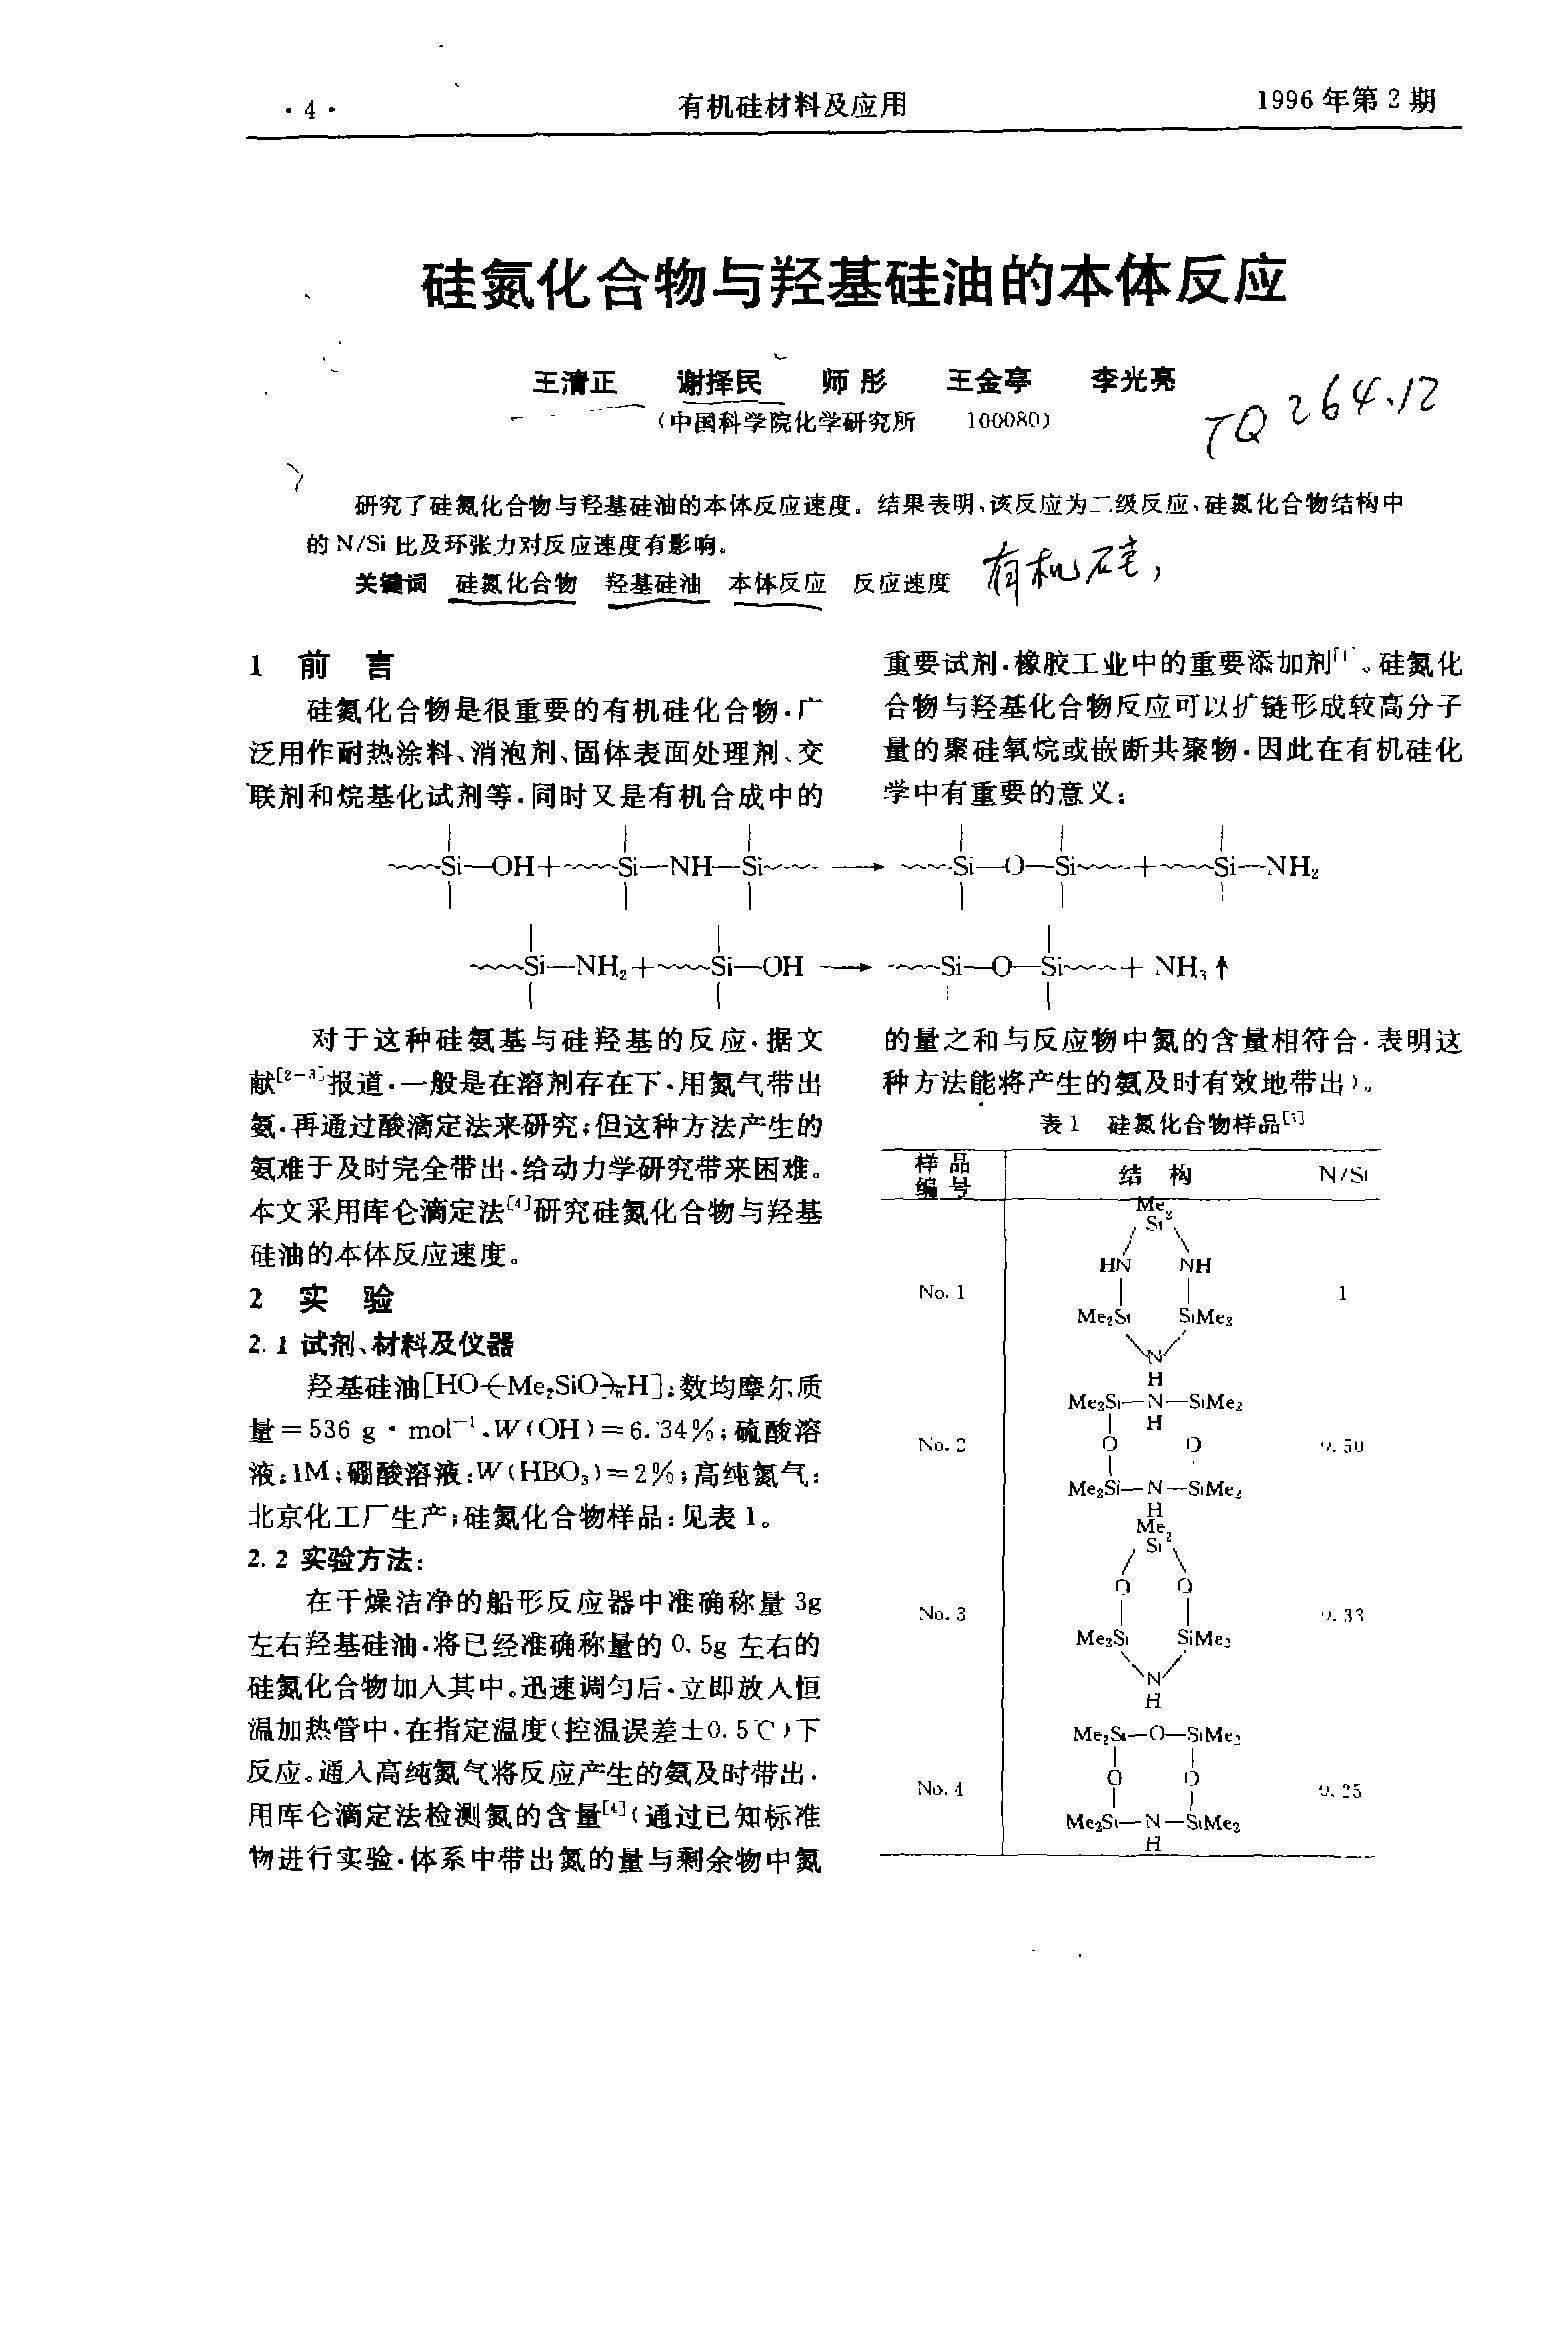 硅氮化合物与羟基硅油的本体反应